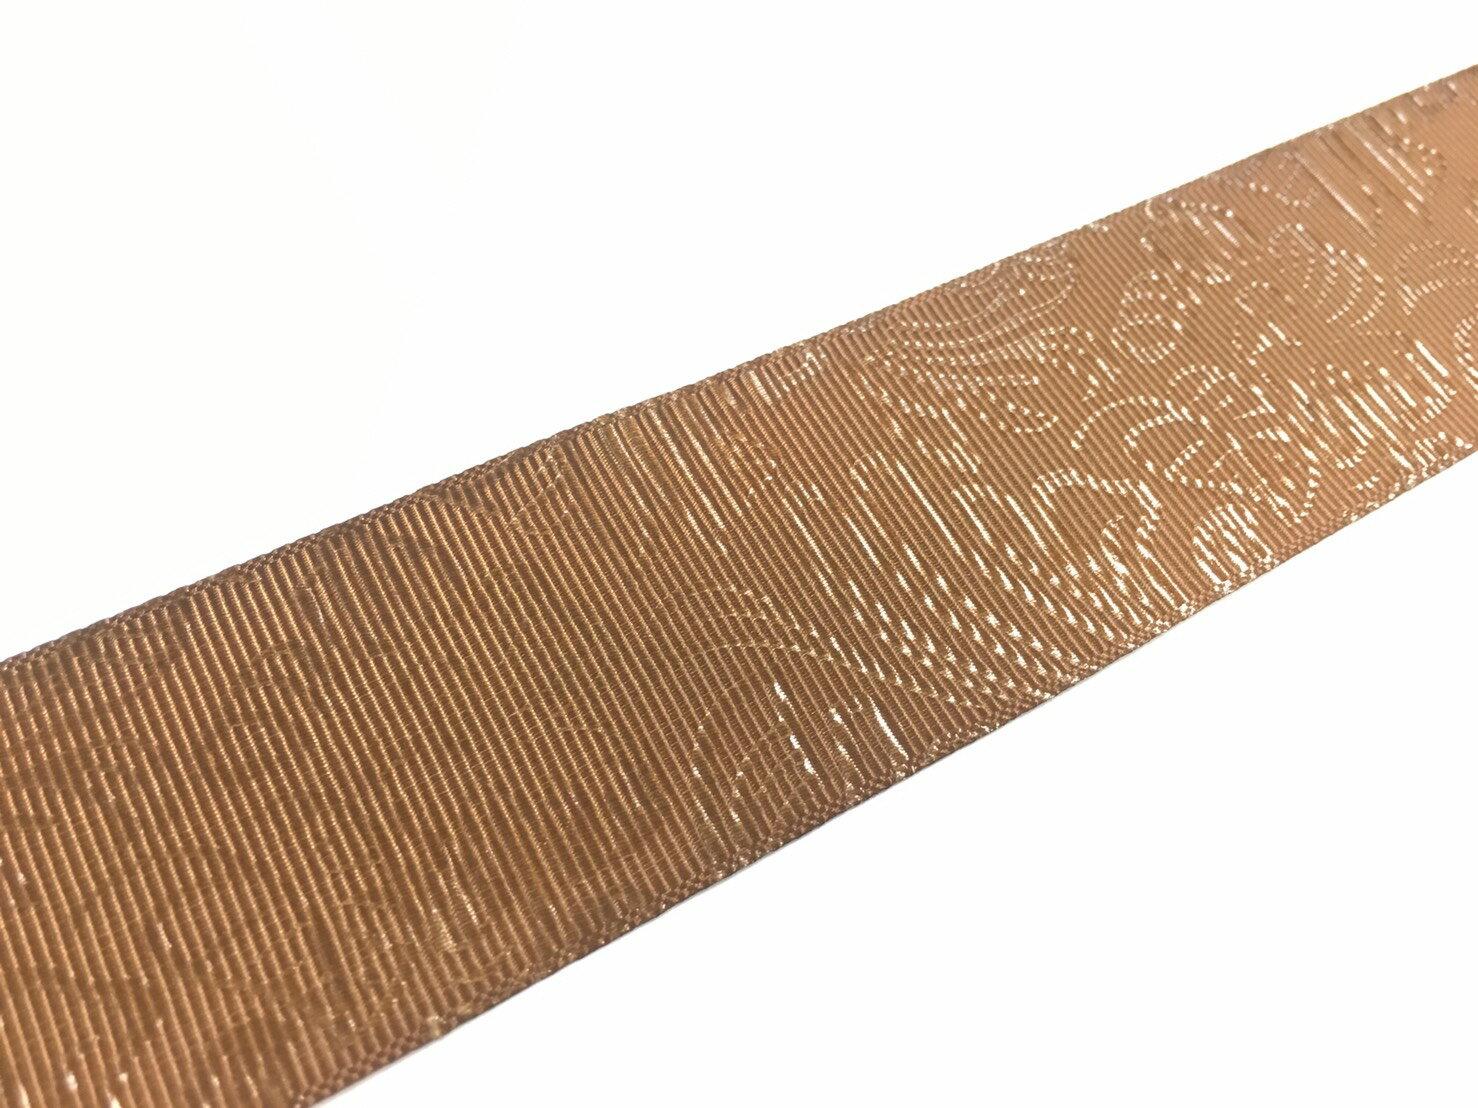 羅紋帶單面壓花38mm3碼裝(14色) 4